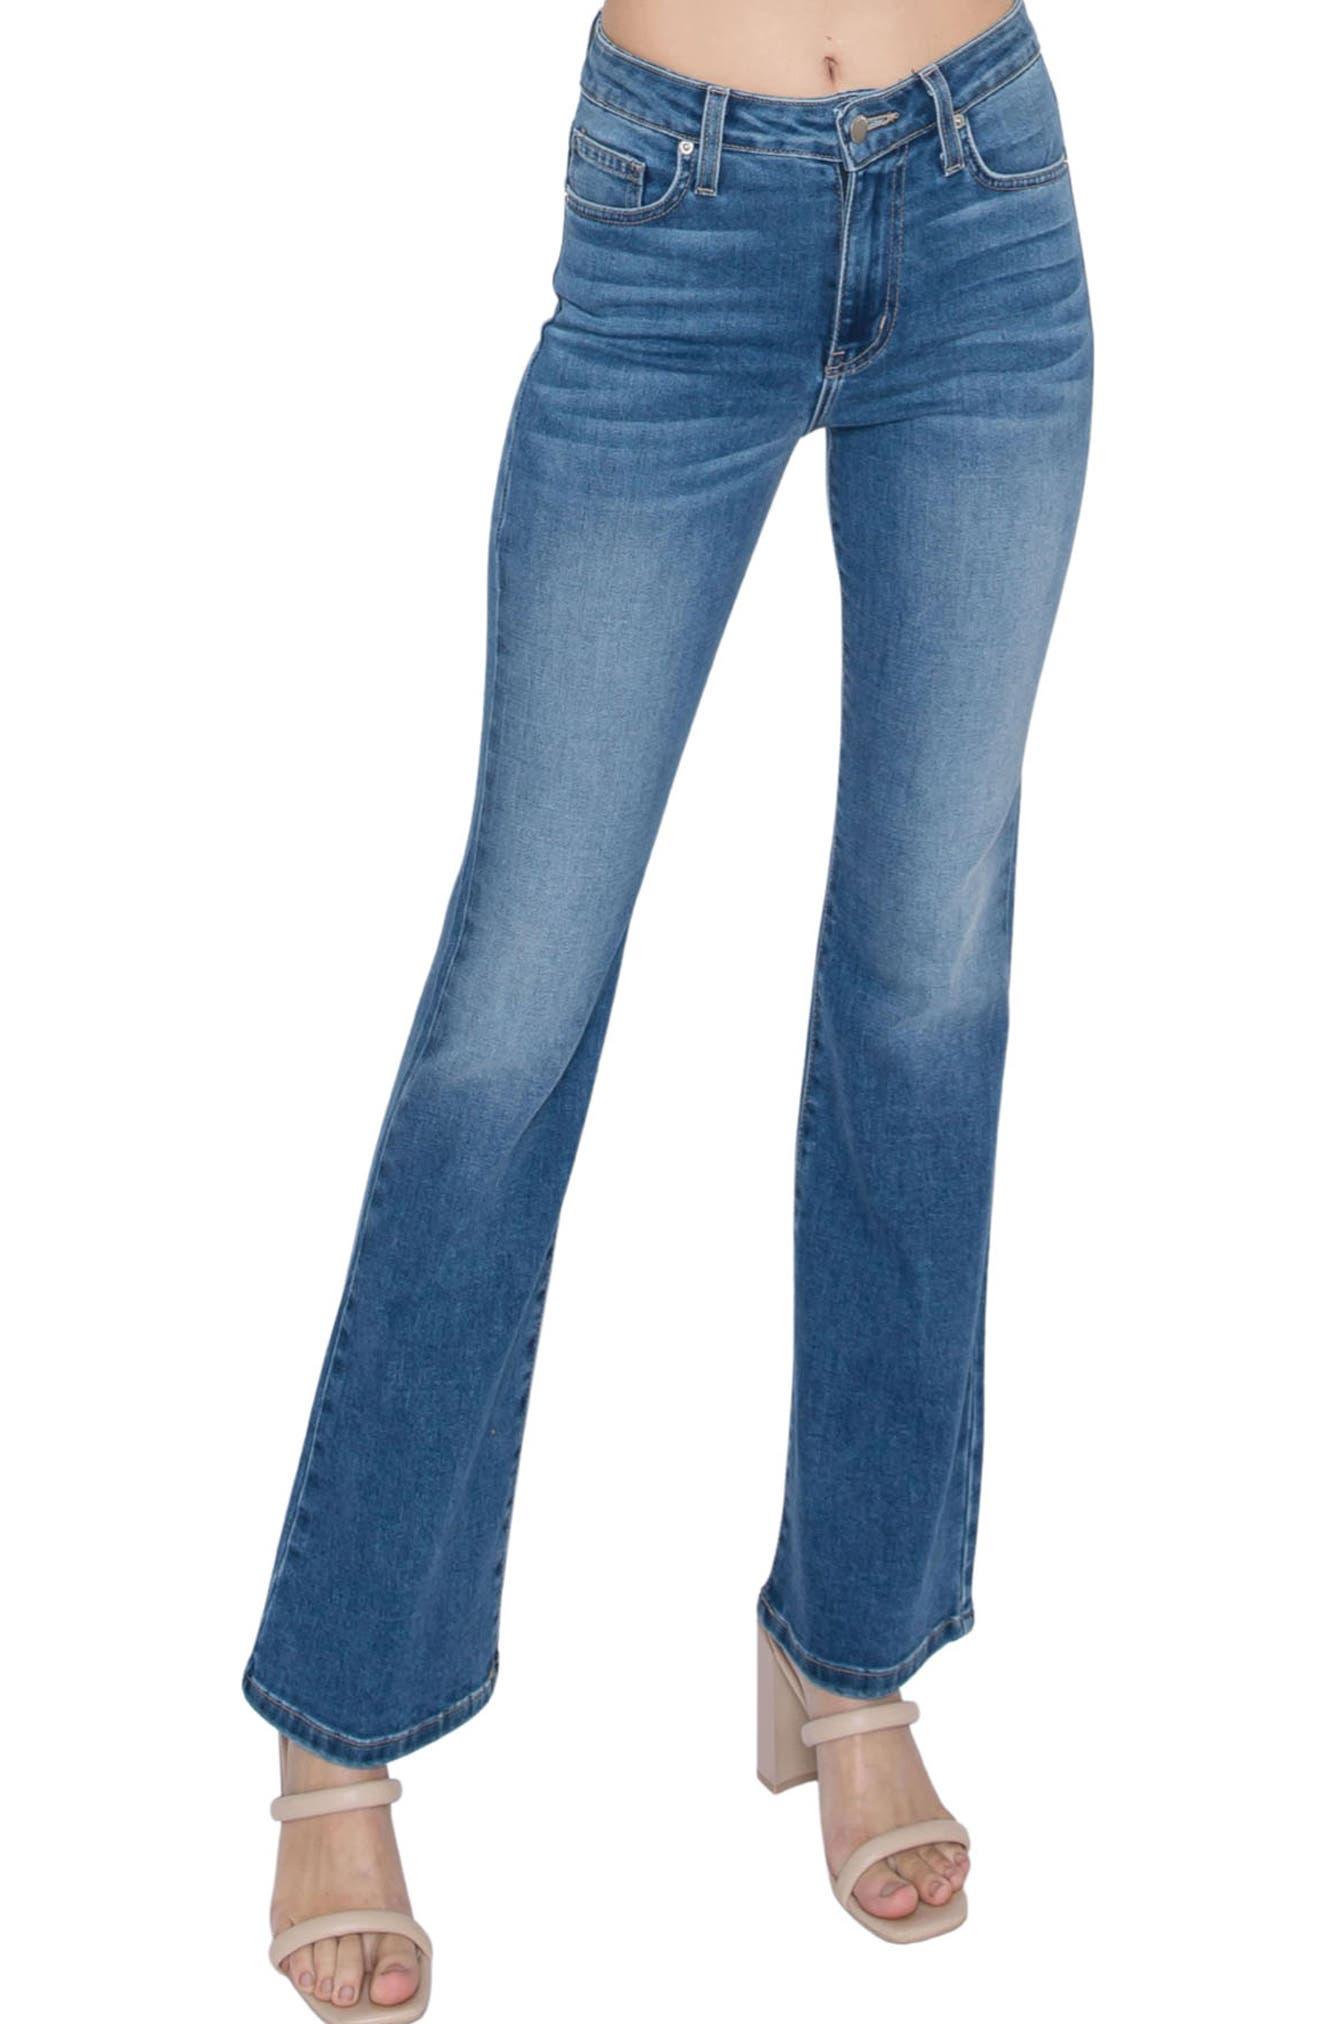 L.T.J. Women's L.T.J Bambino Baby Bootcut Jeans